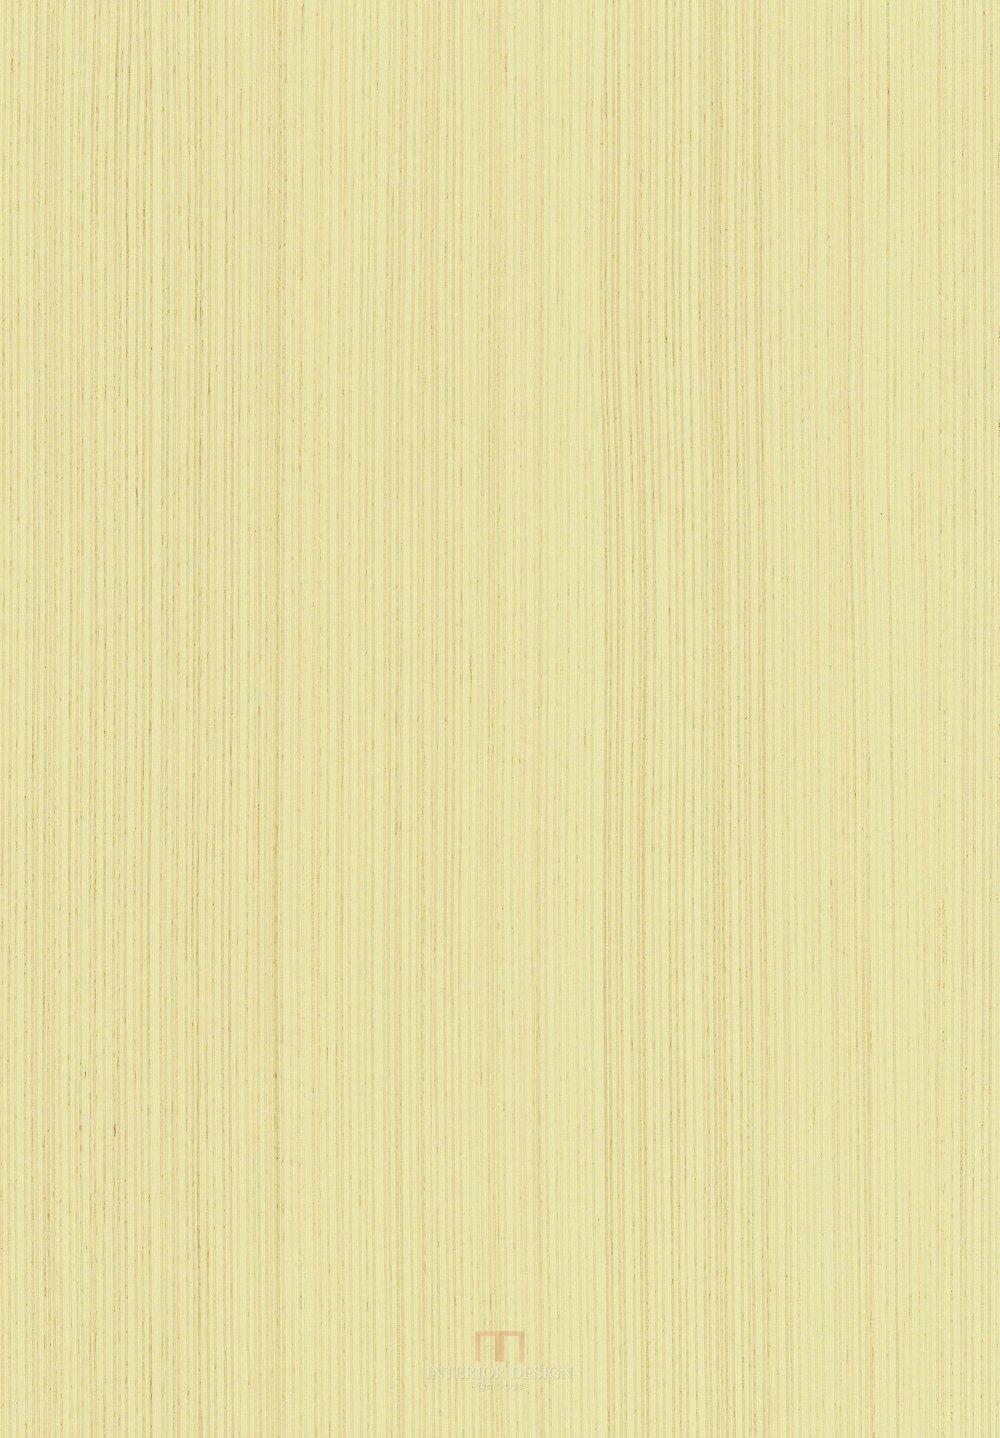 人造木纹_K6228_F0603.jpg